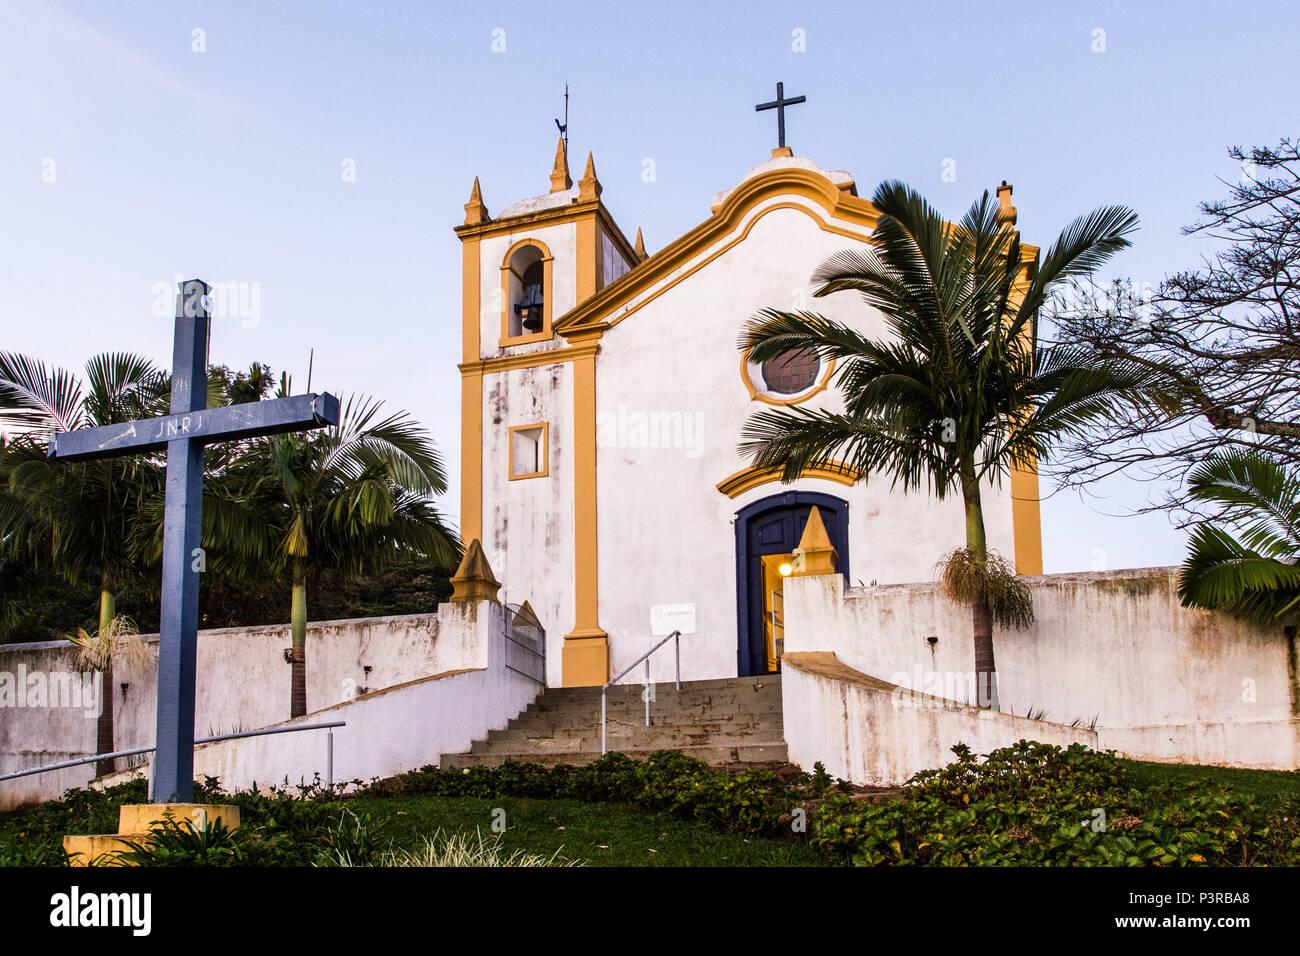 FLORIANÓPOLIS, SC - 27.06.2015: ARQUITETURA COLONIAL - Igreja Nossa Senhora da Imaculada Conceição, na Lagoa da Conceição, construída em 1751. (Foto: Ricardo Ribas / Fotoarena) Stock Photo